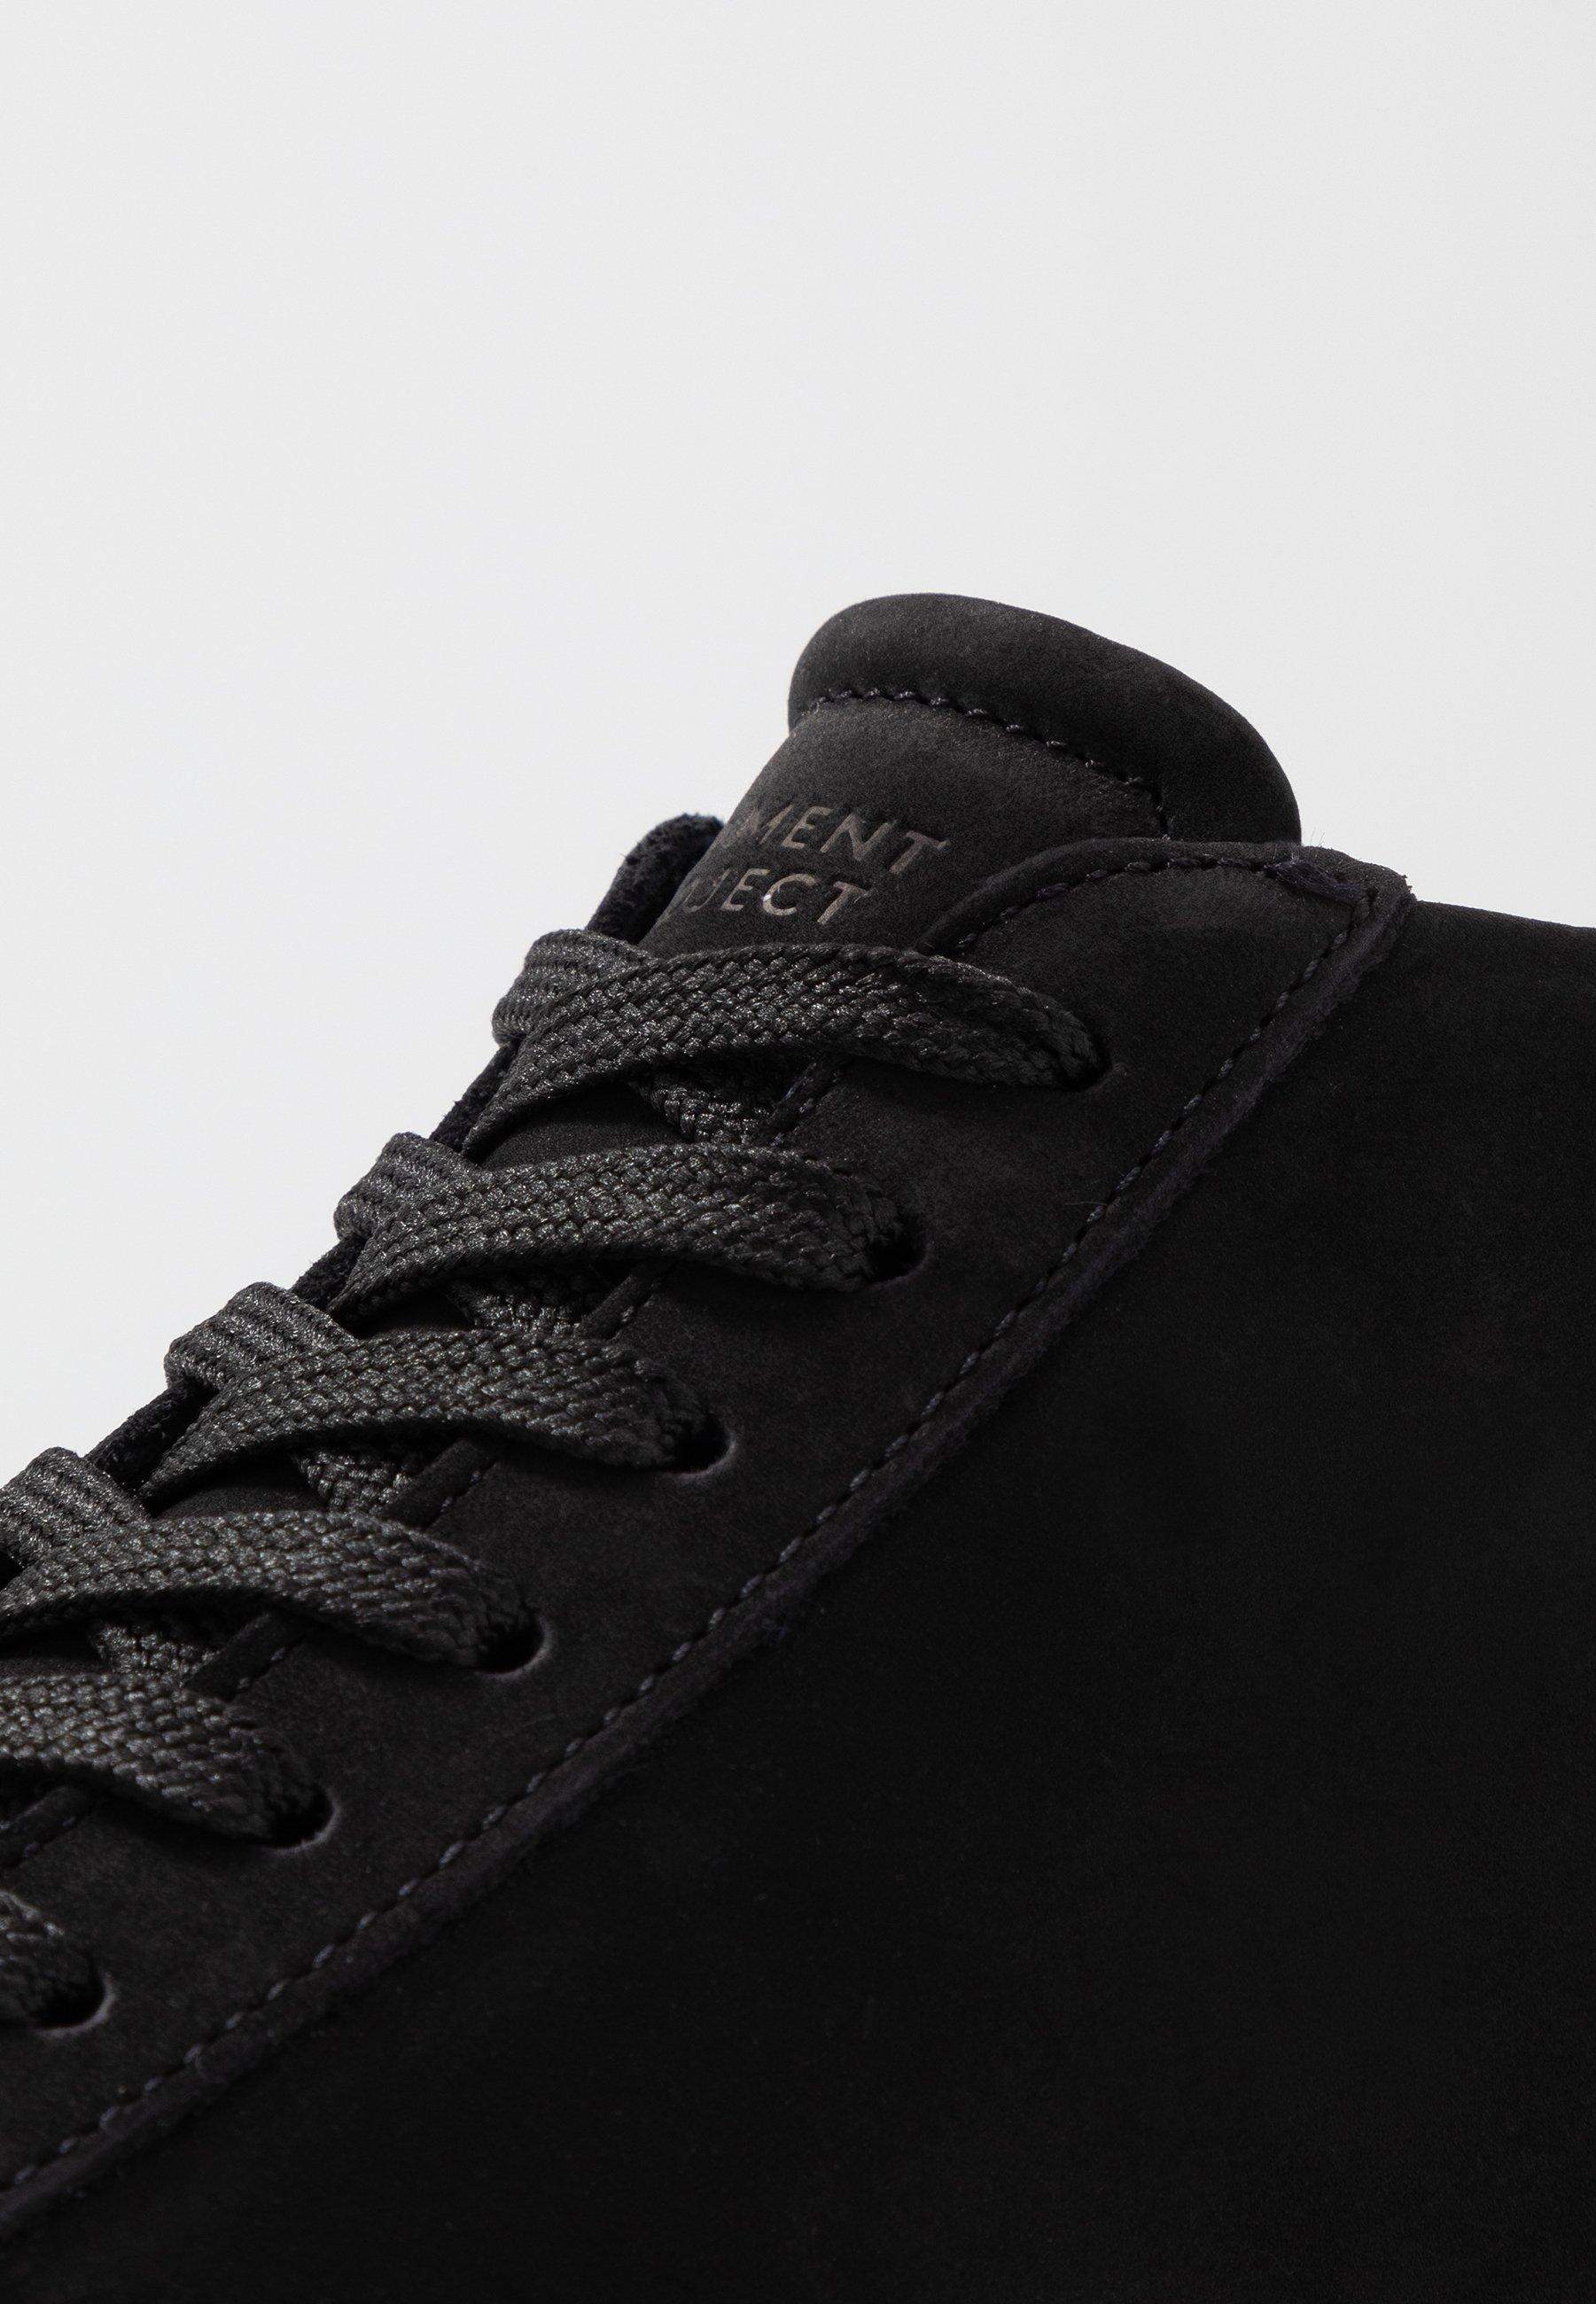 Sammlungen Schuhe für Damen FSOGFJY299Skuk GARMENT PROJECT EXCLUSIVE TYPE MID Sneaker high black